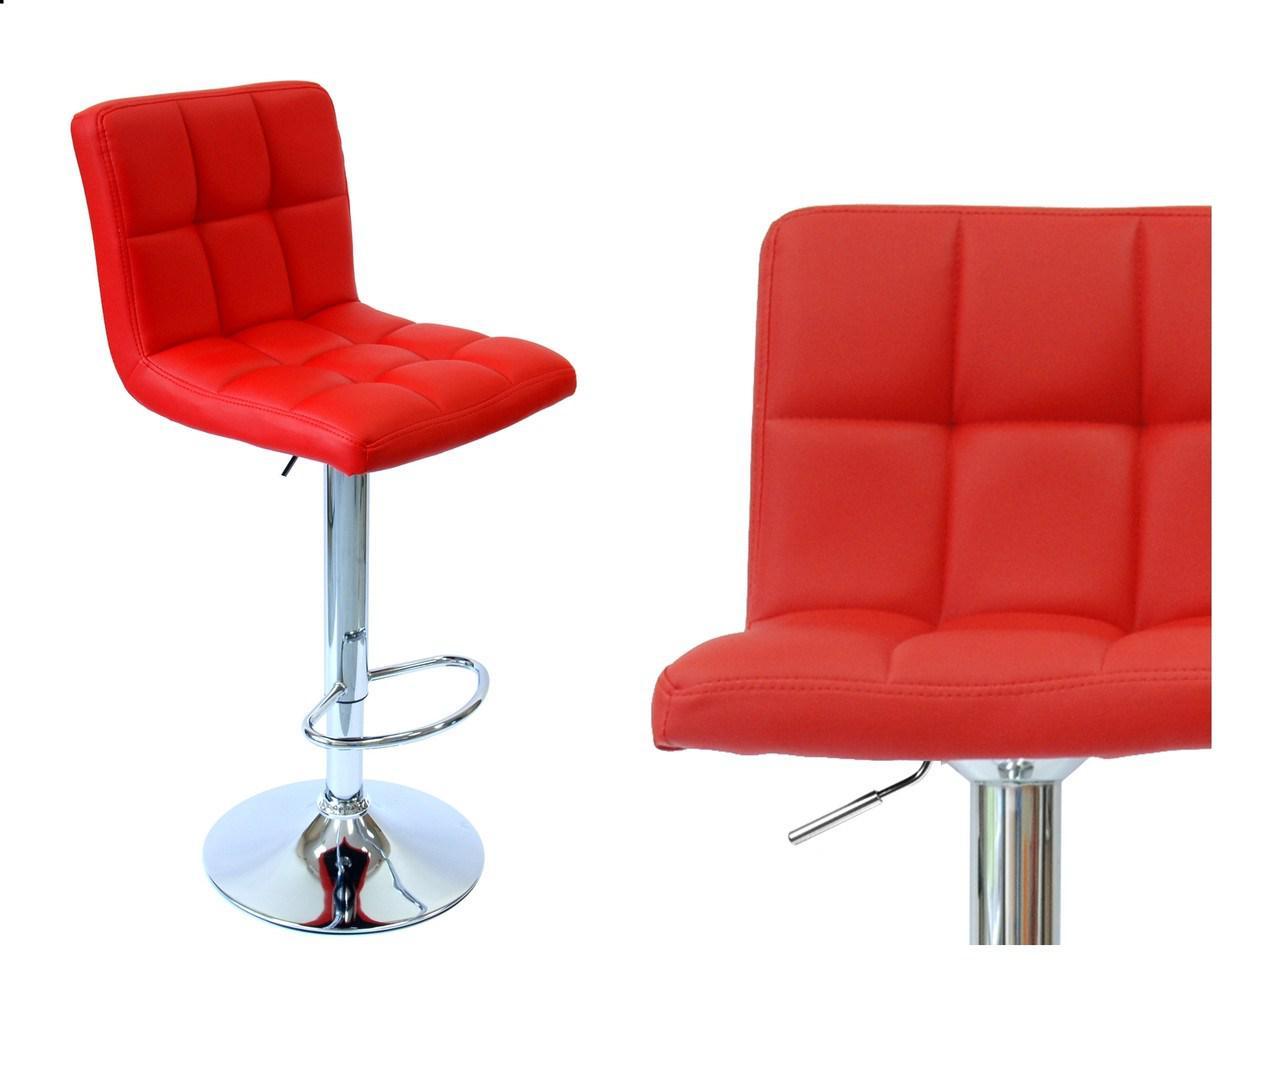 Табурет барний стілець барний стілець крісло для кухні Hoker червоний